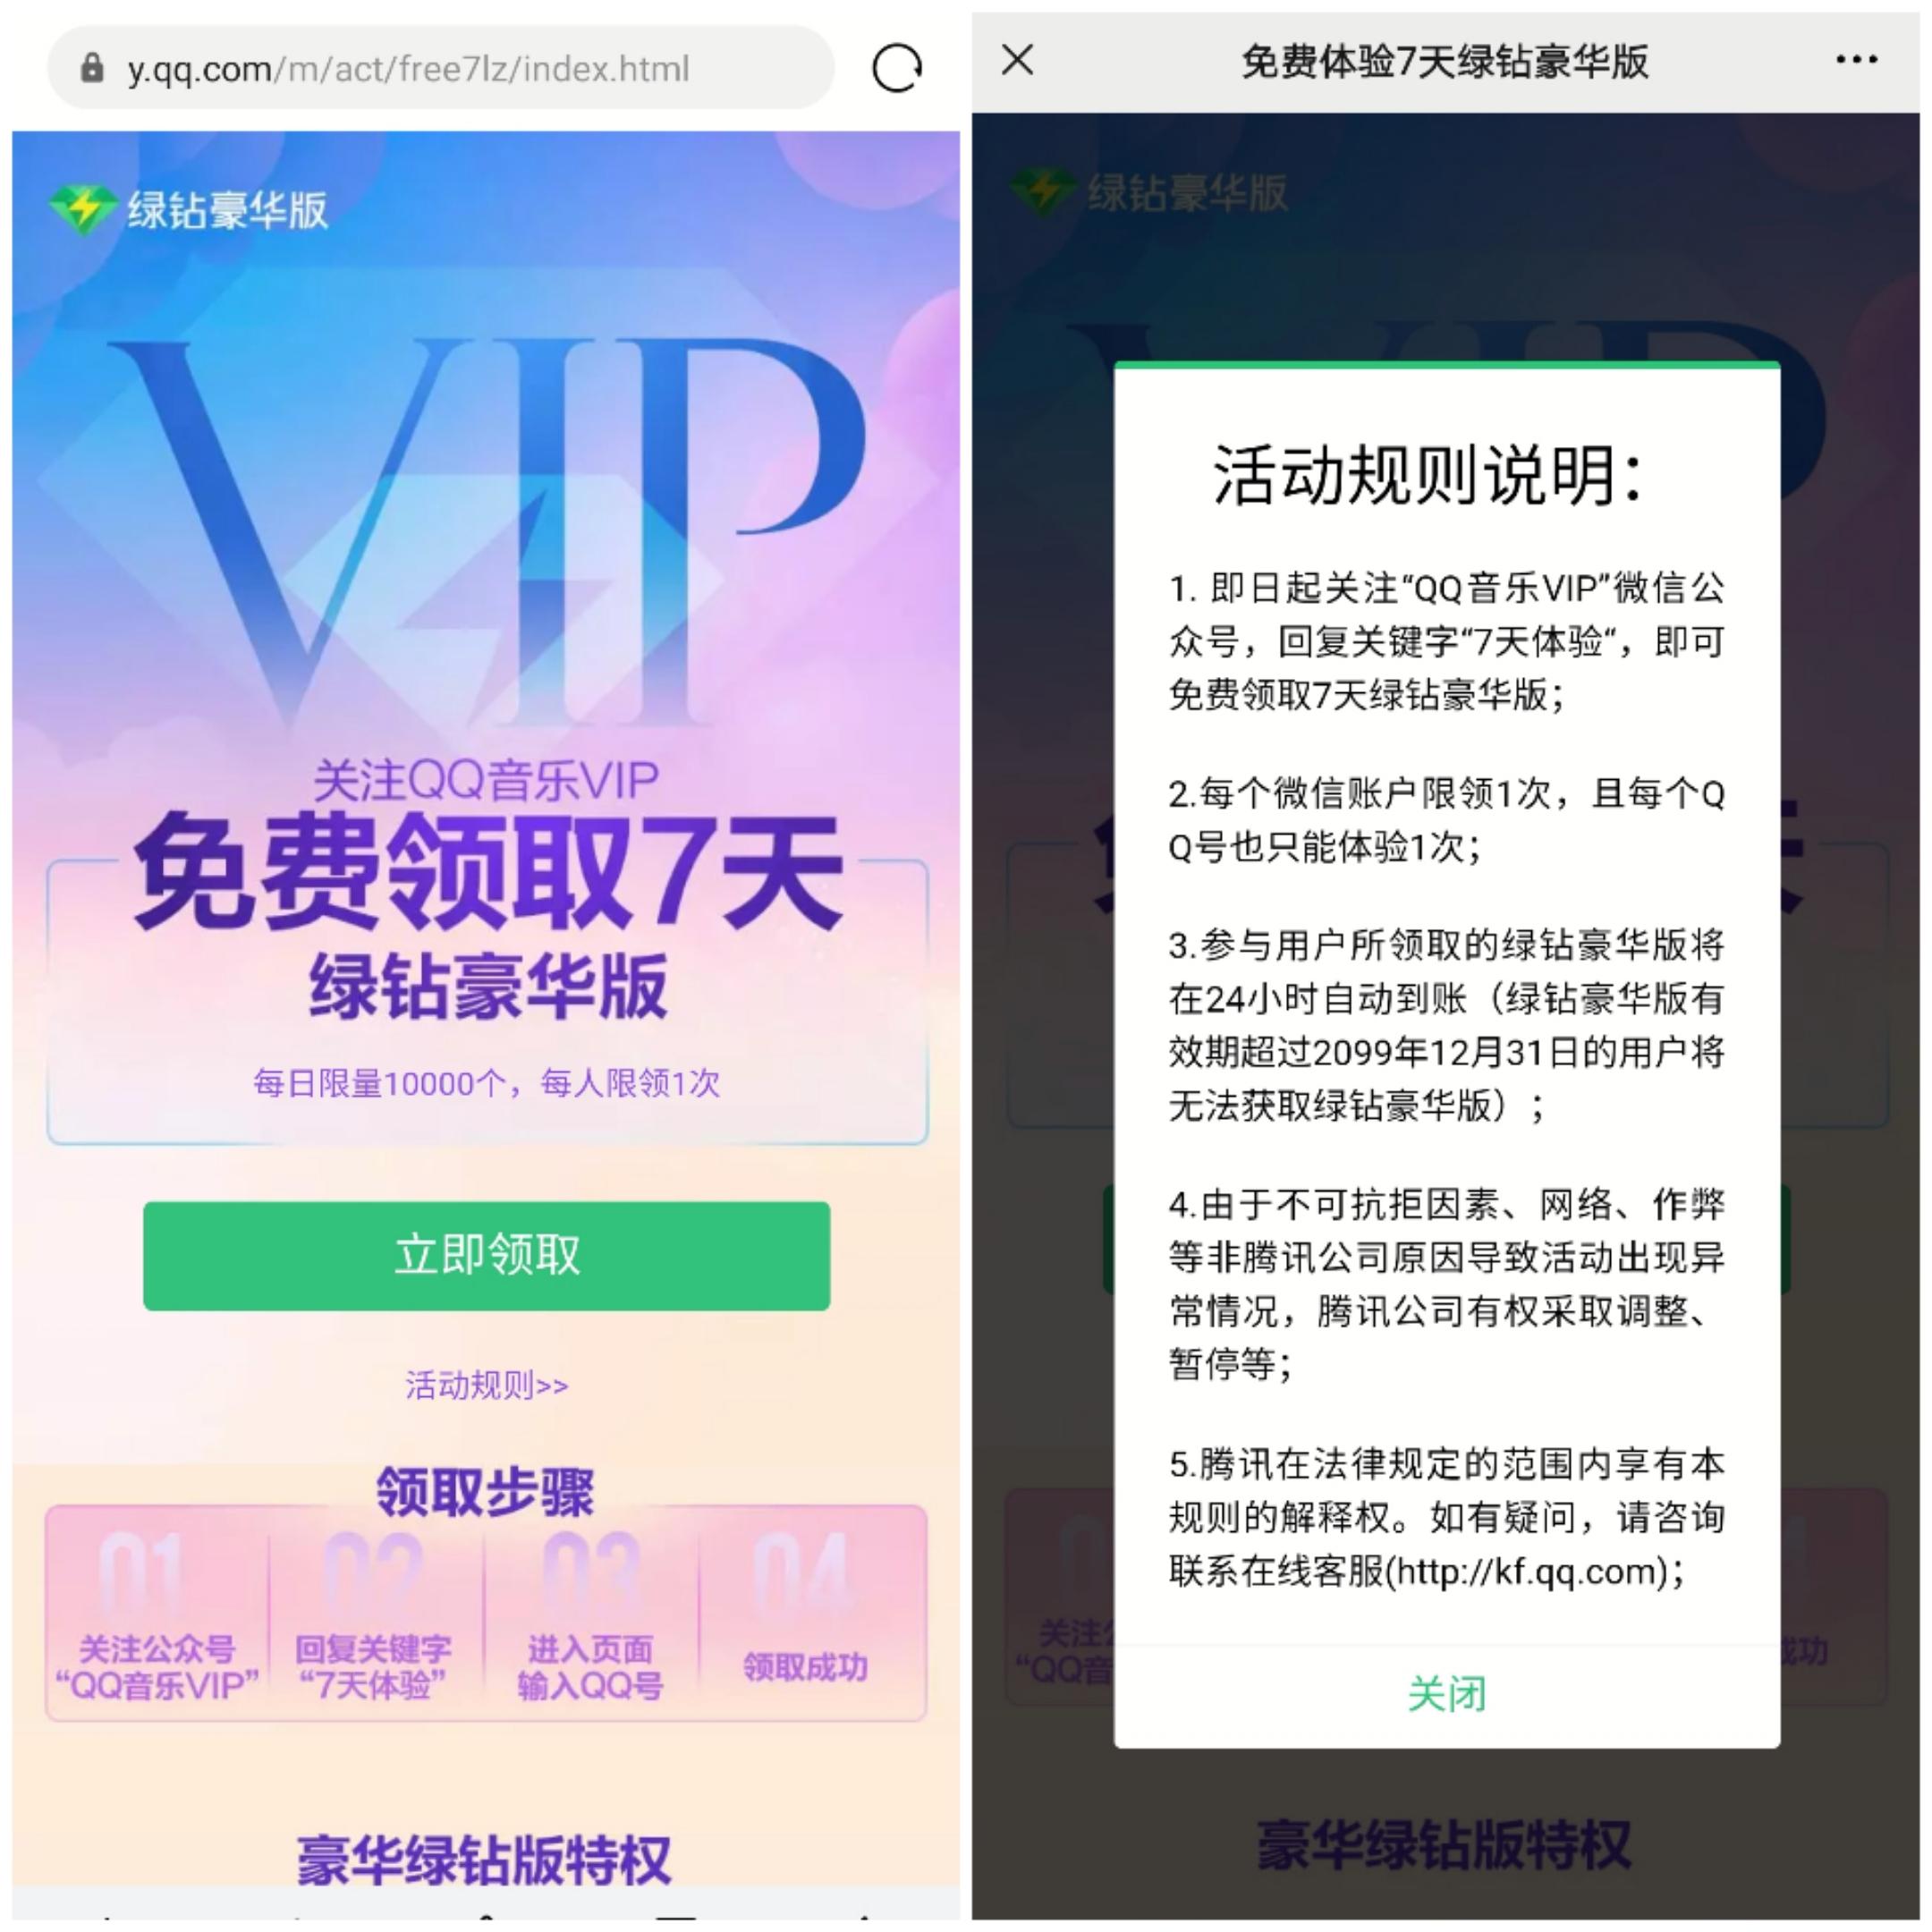 腾讯QQ音乐官方活动免费领7天QQ音乐豪华绿砖